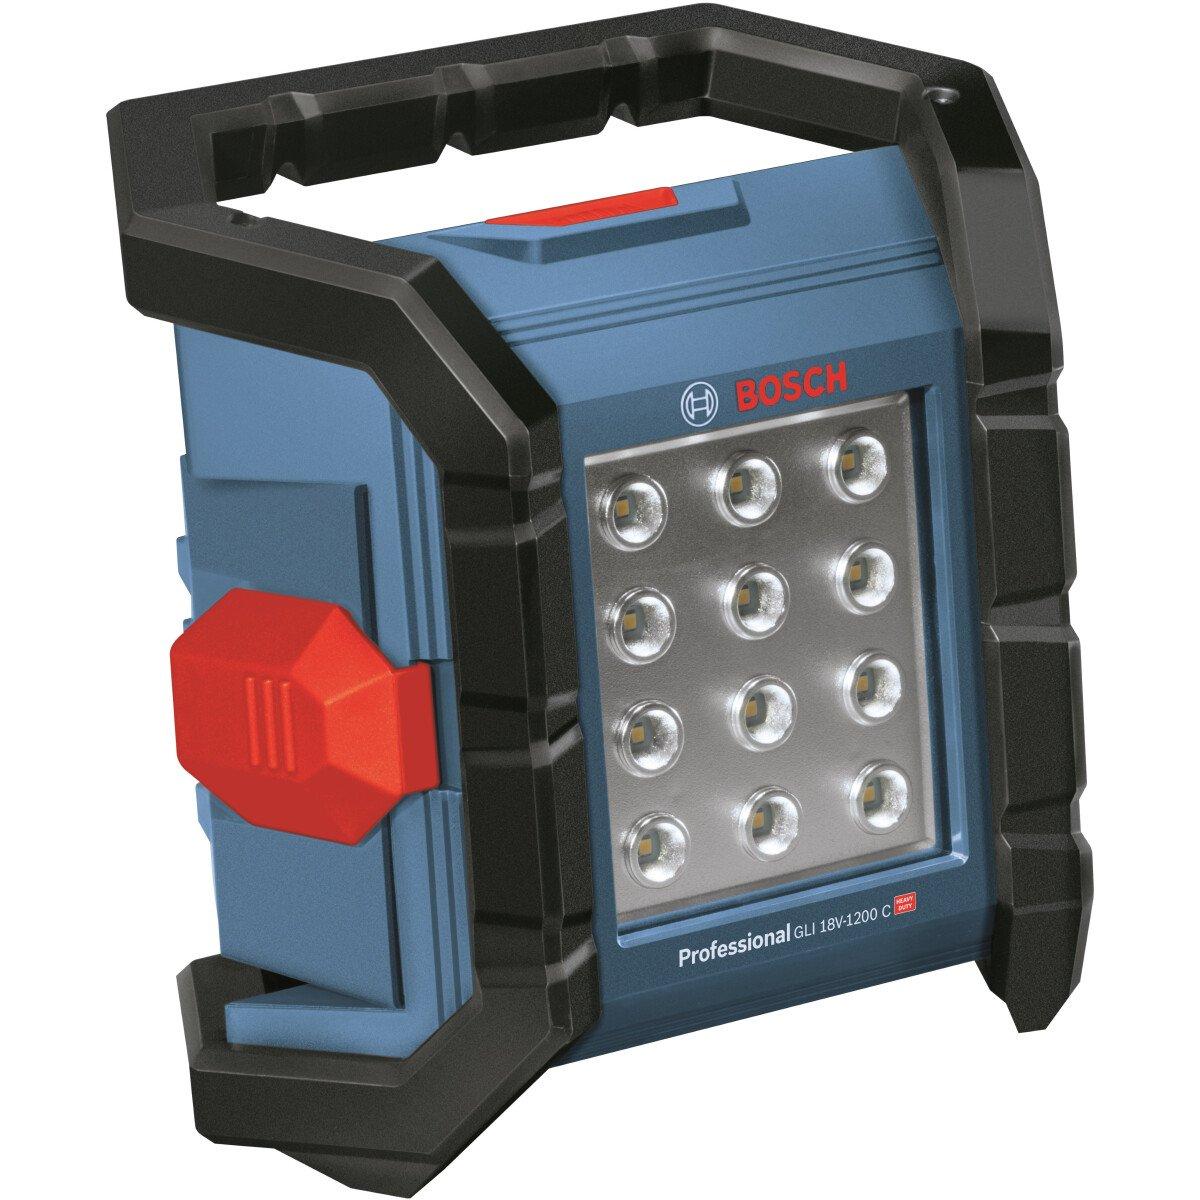 Bosch GLI 18V-1200 C 14.4V/18V Body Only Floodlight in Carton